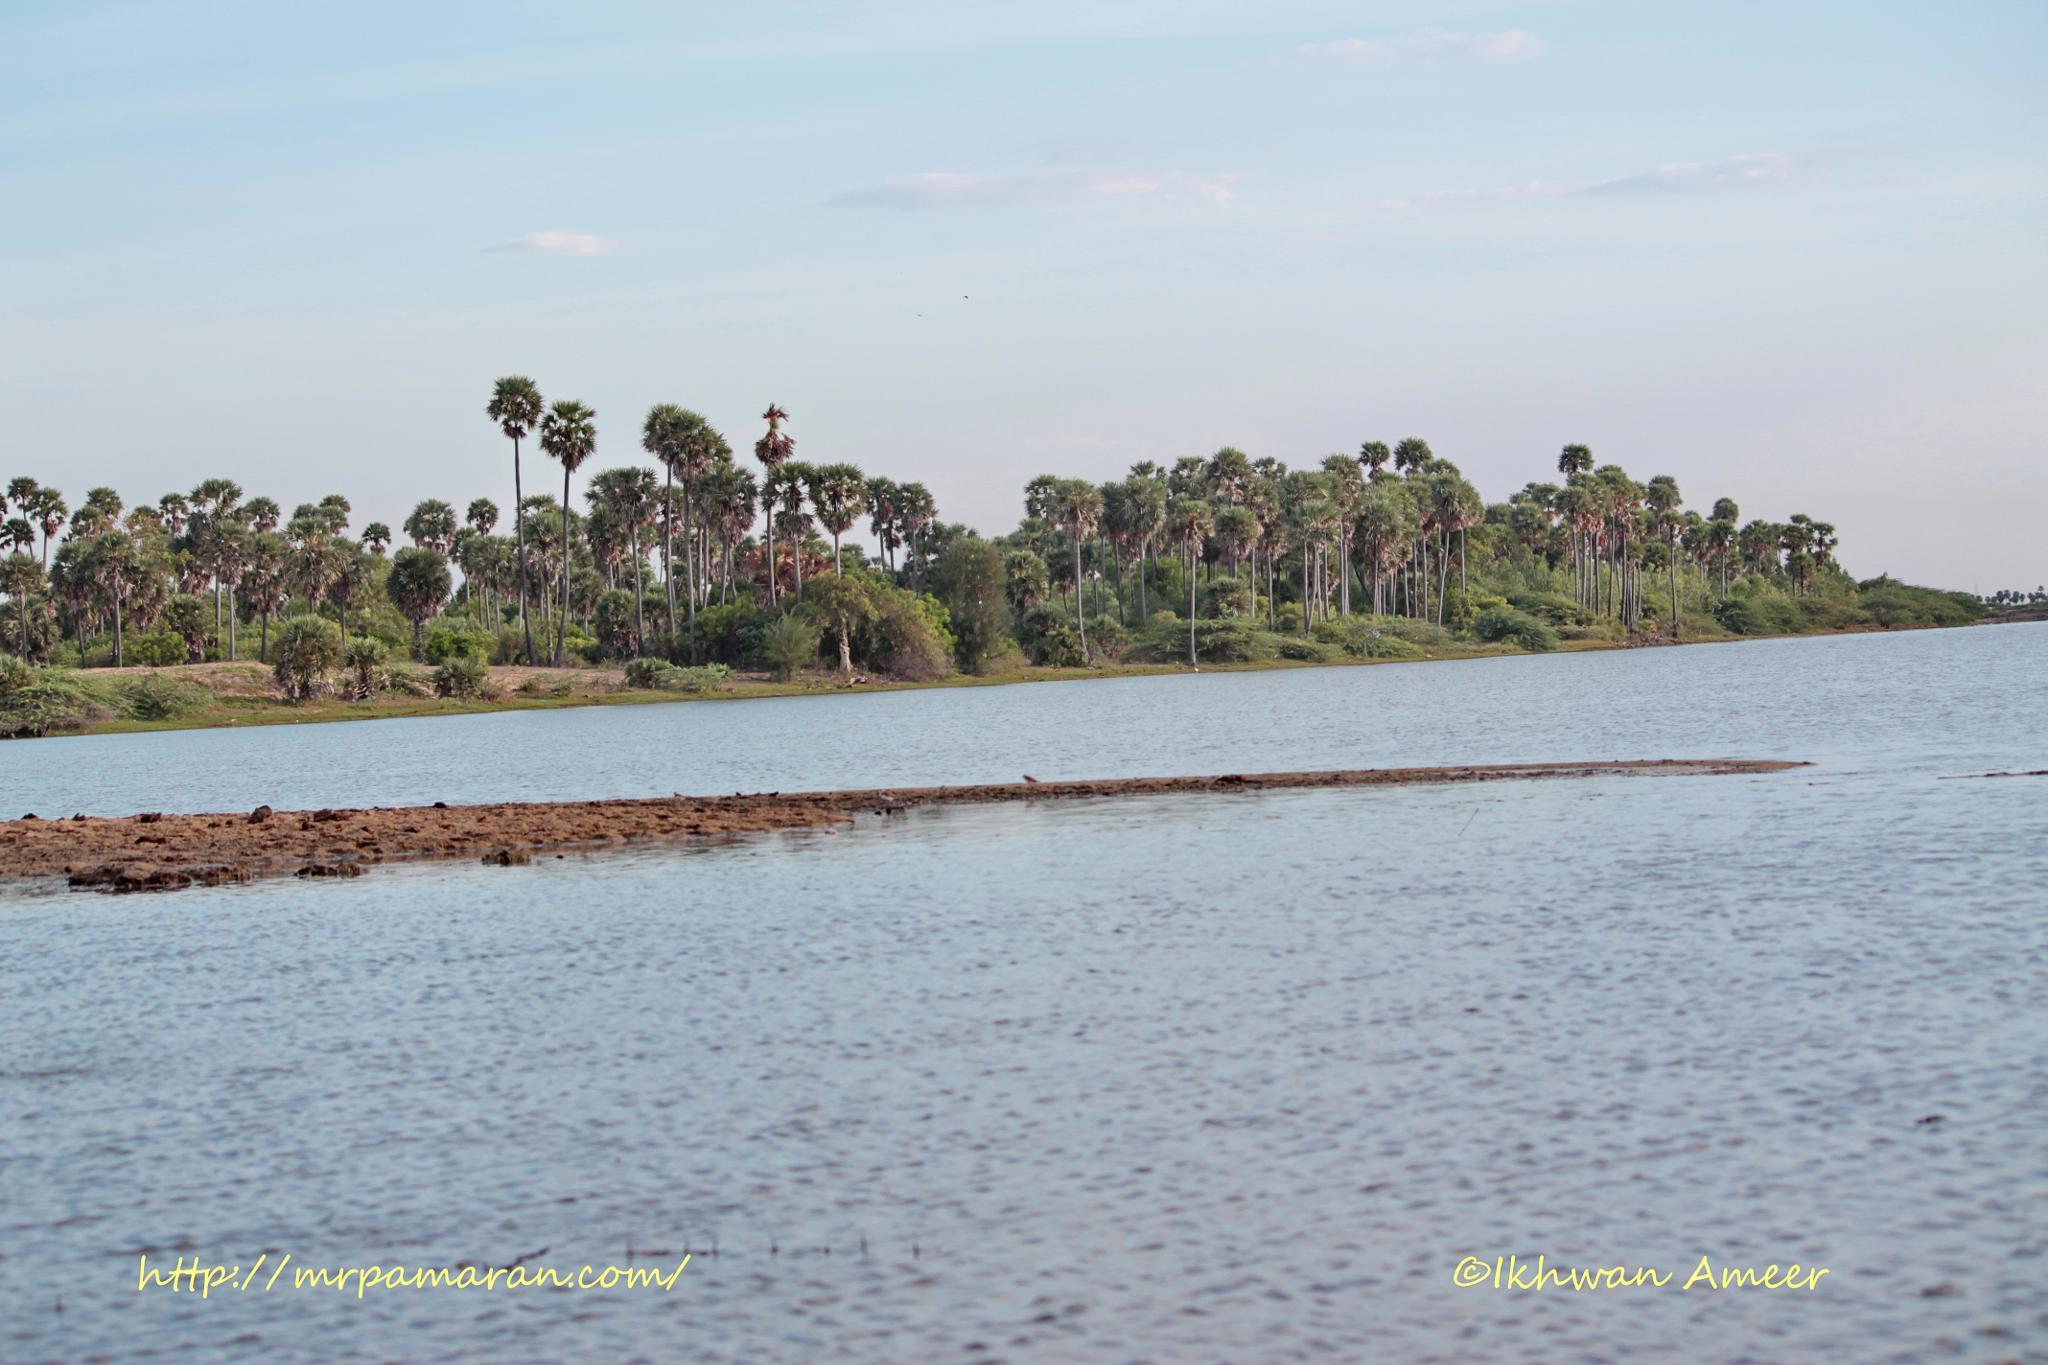 Best Group: palmyra Trees by Ikhwan Ameer